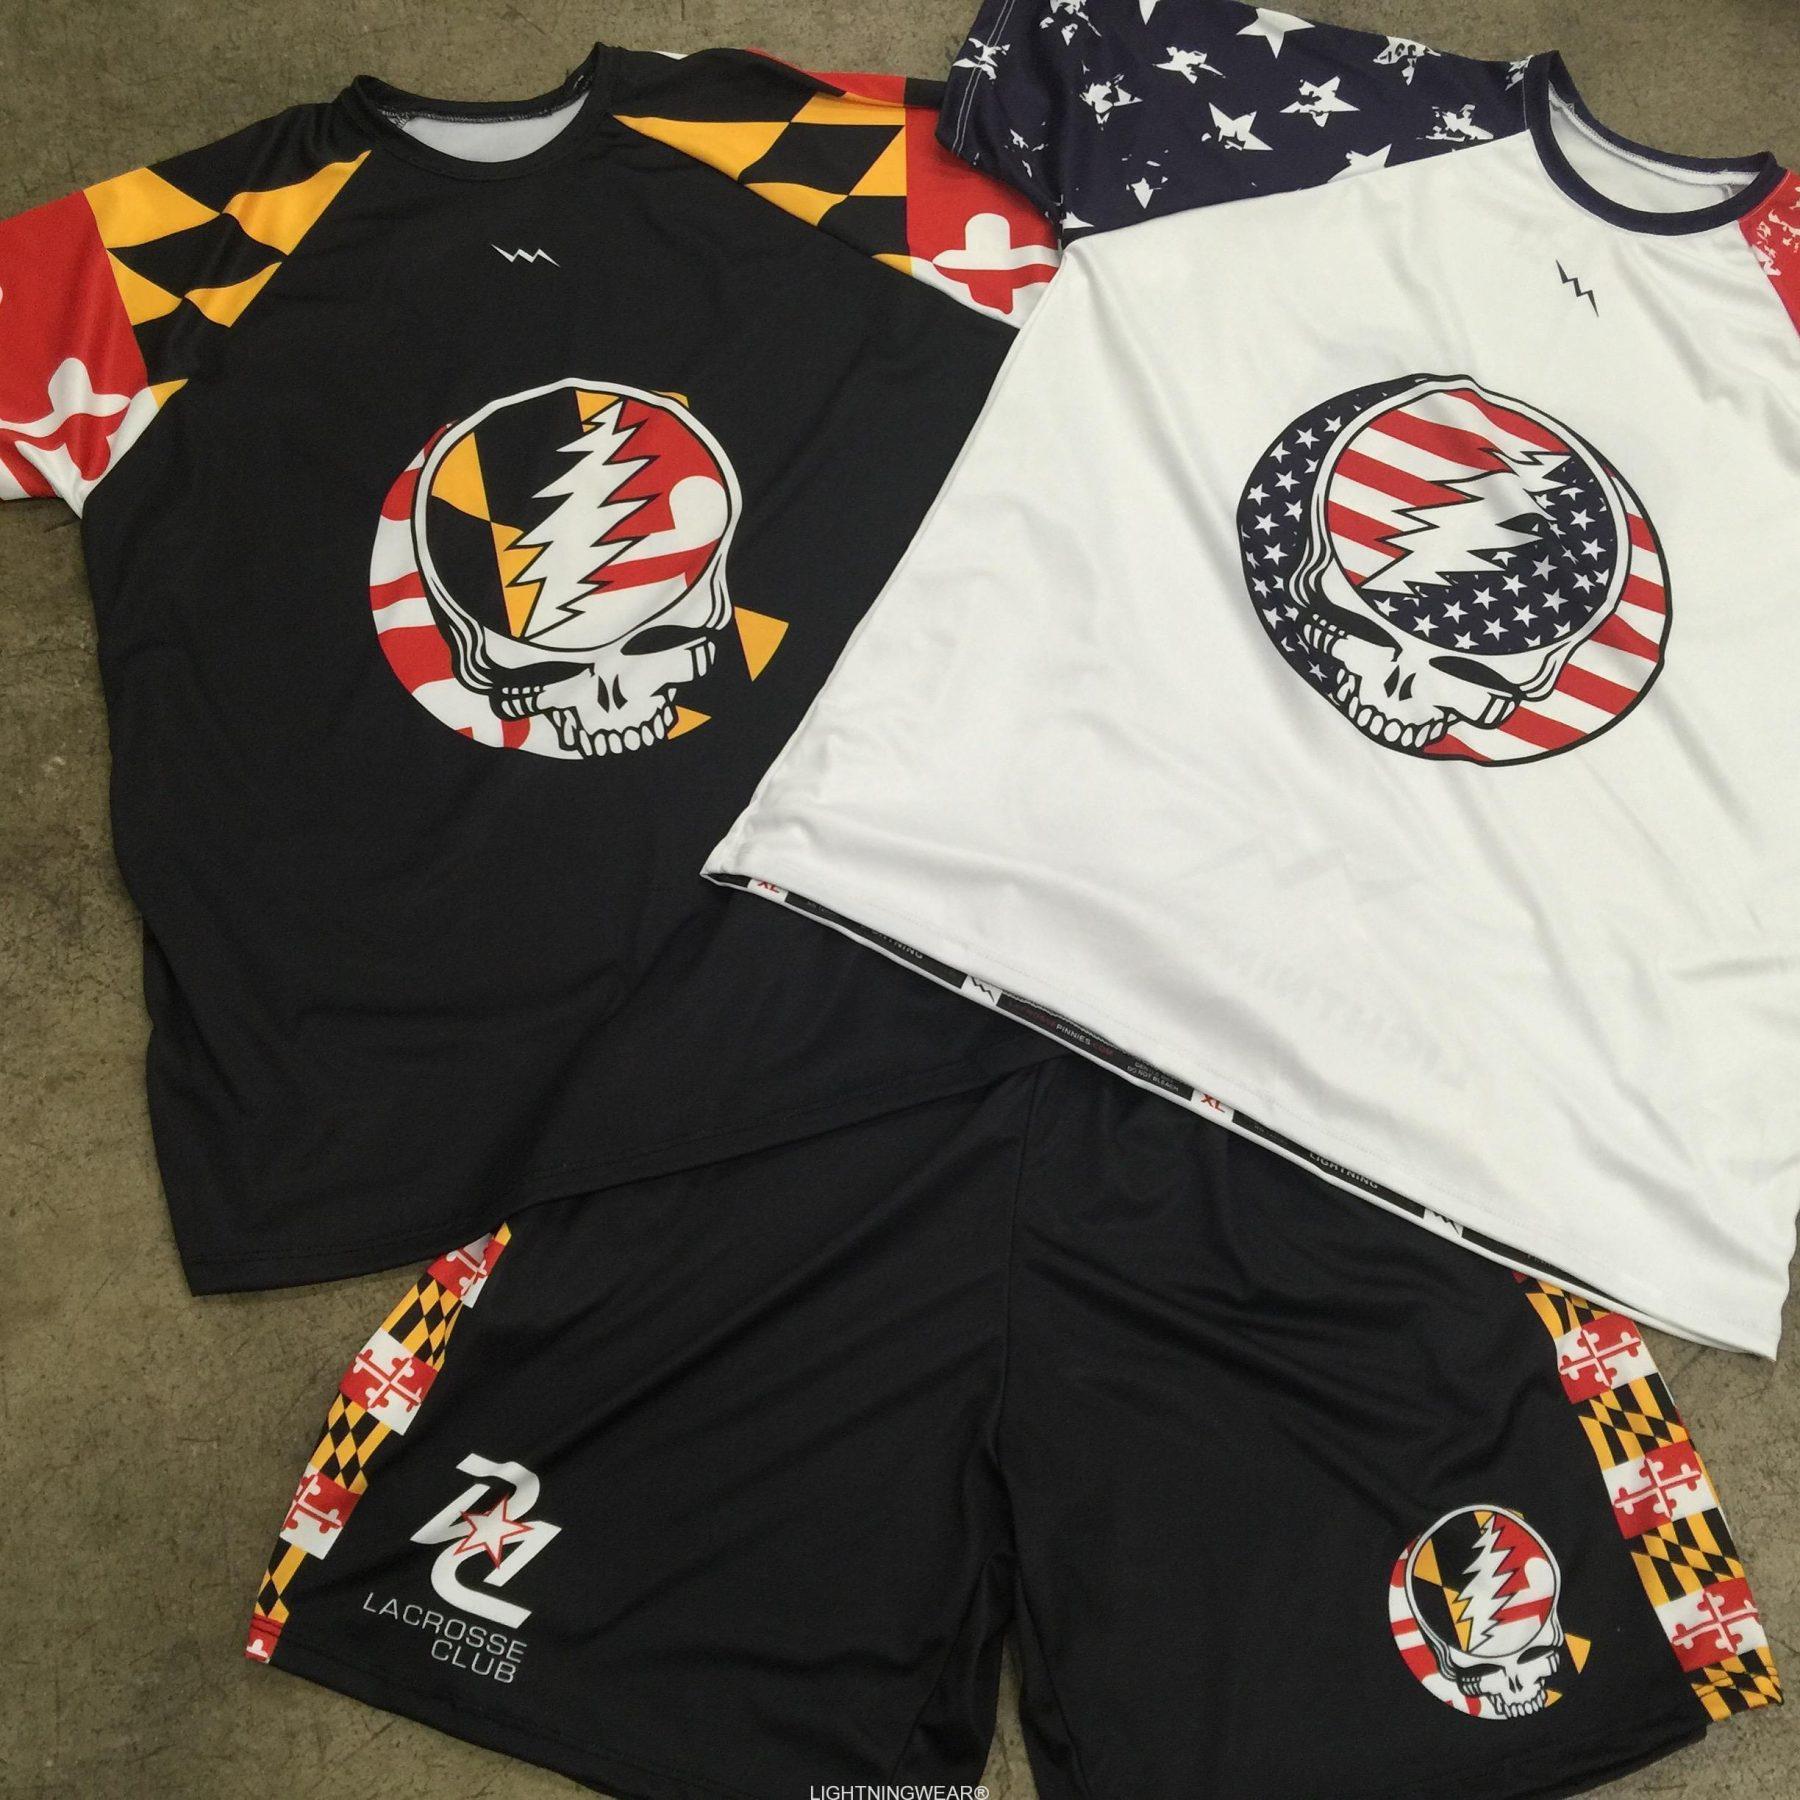 grateful dead lacrosse uniforms